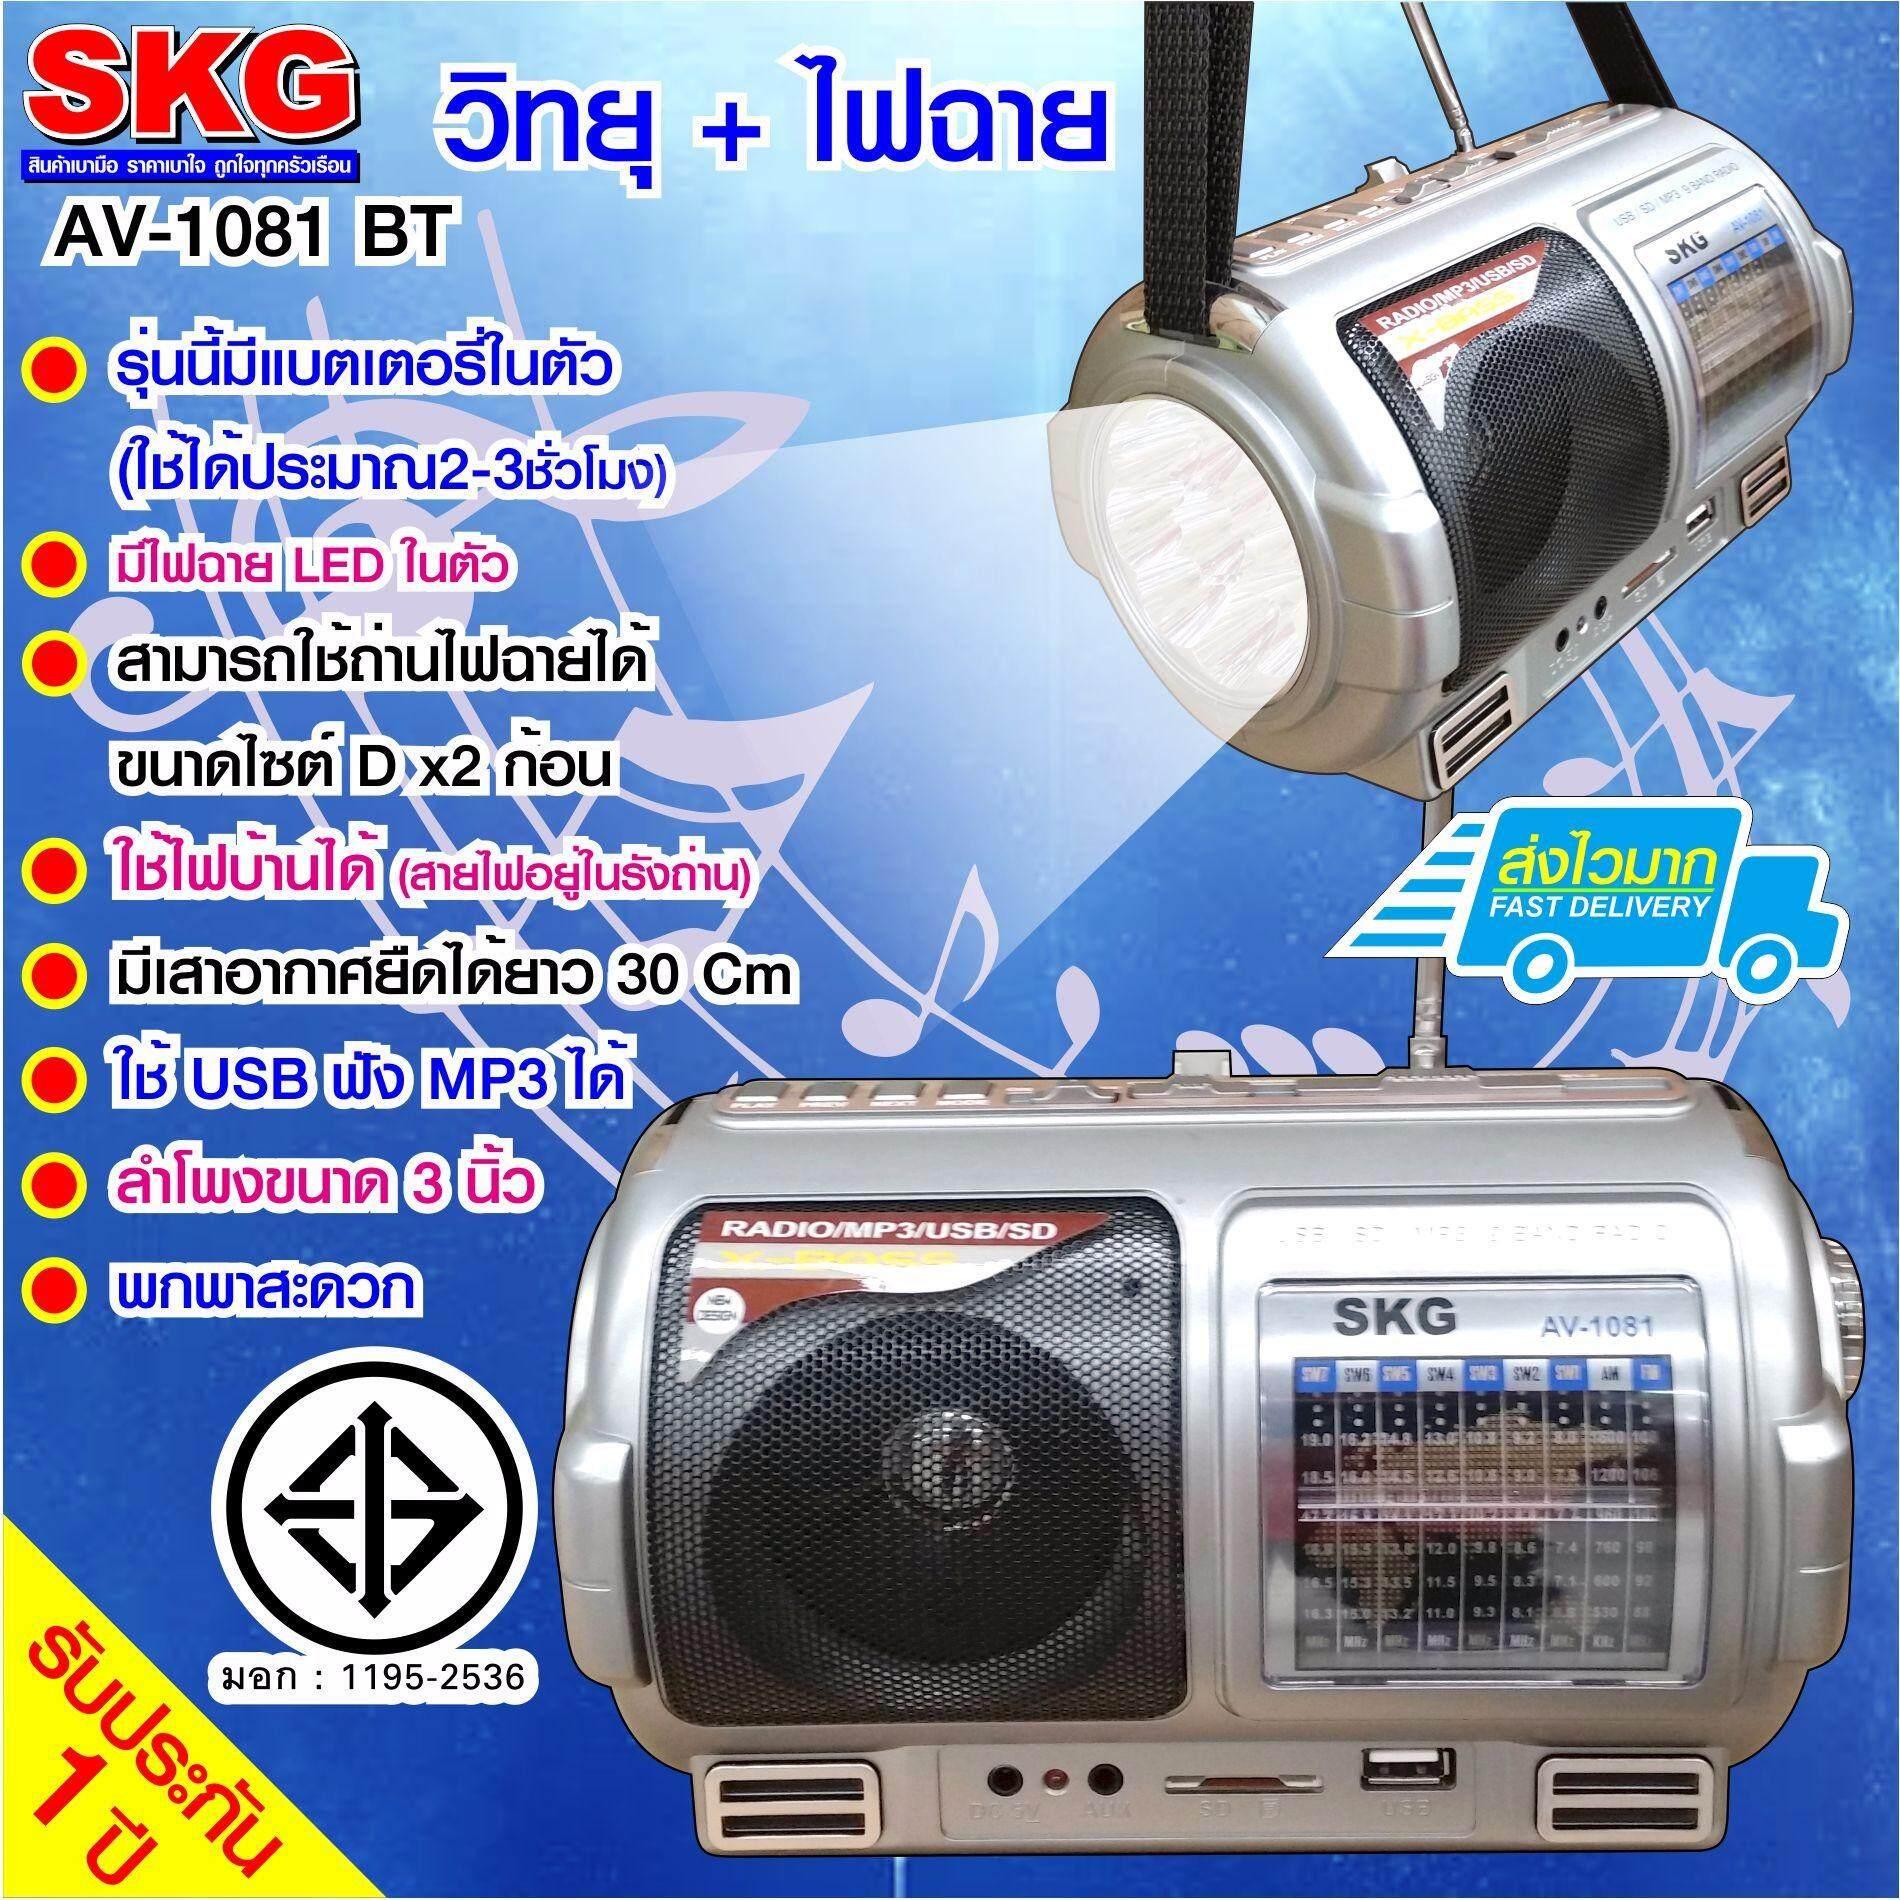 ส่วนลด Skg วิทยุ ไฟฉาย รุ่น Av 1081 สีเงิน Skg ใน กรุงเทพมหานคร